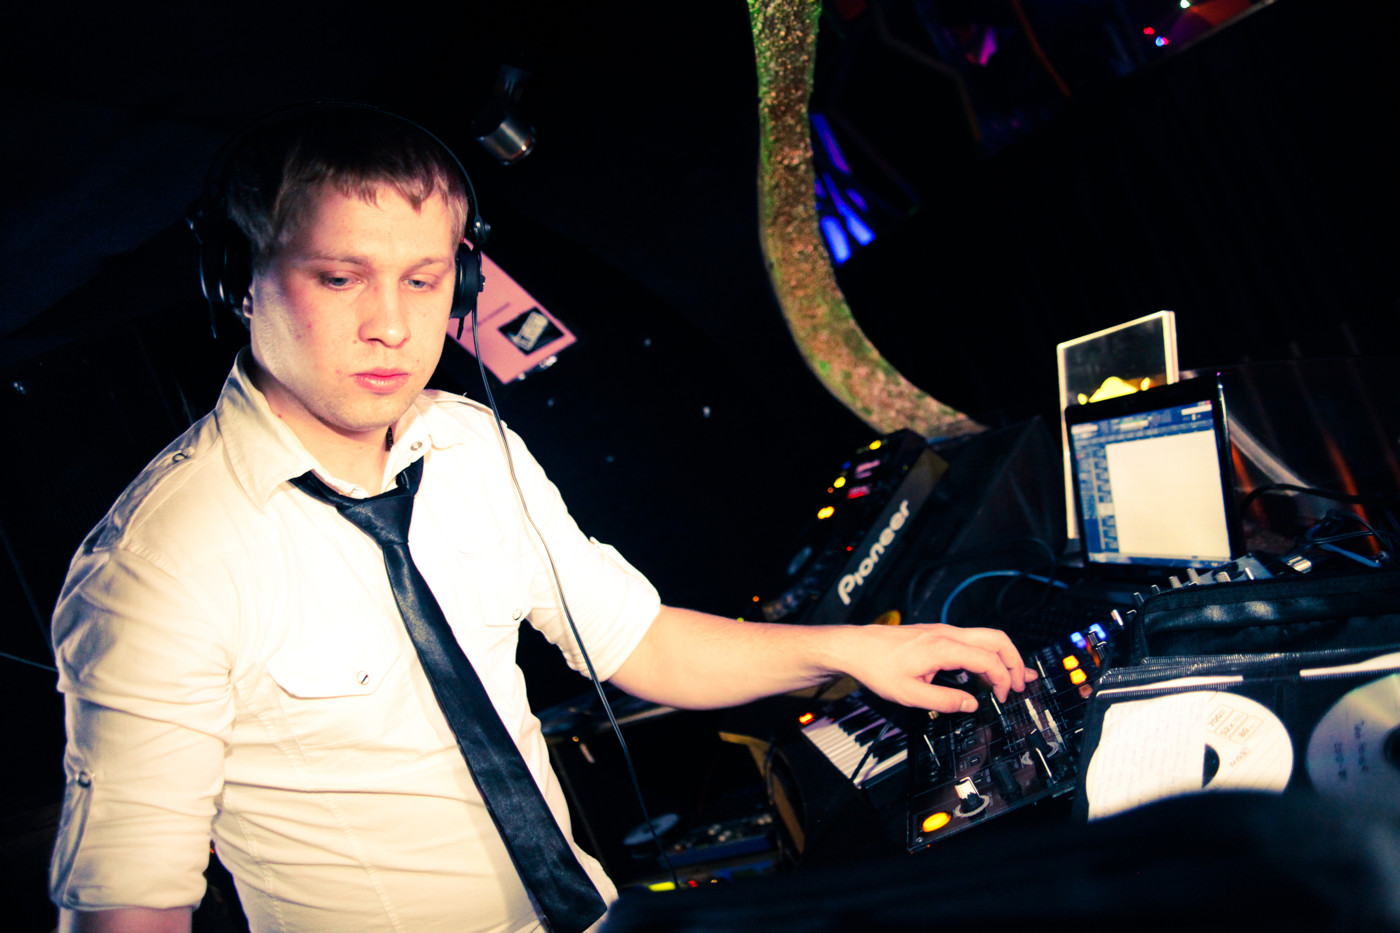 Dmitriy Nema